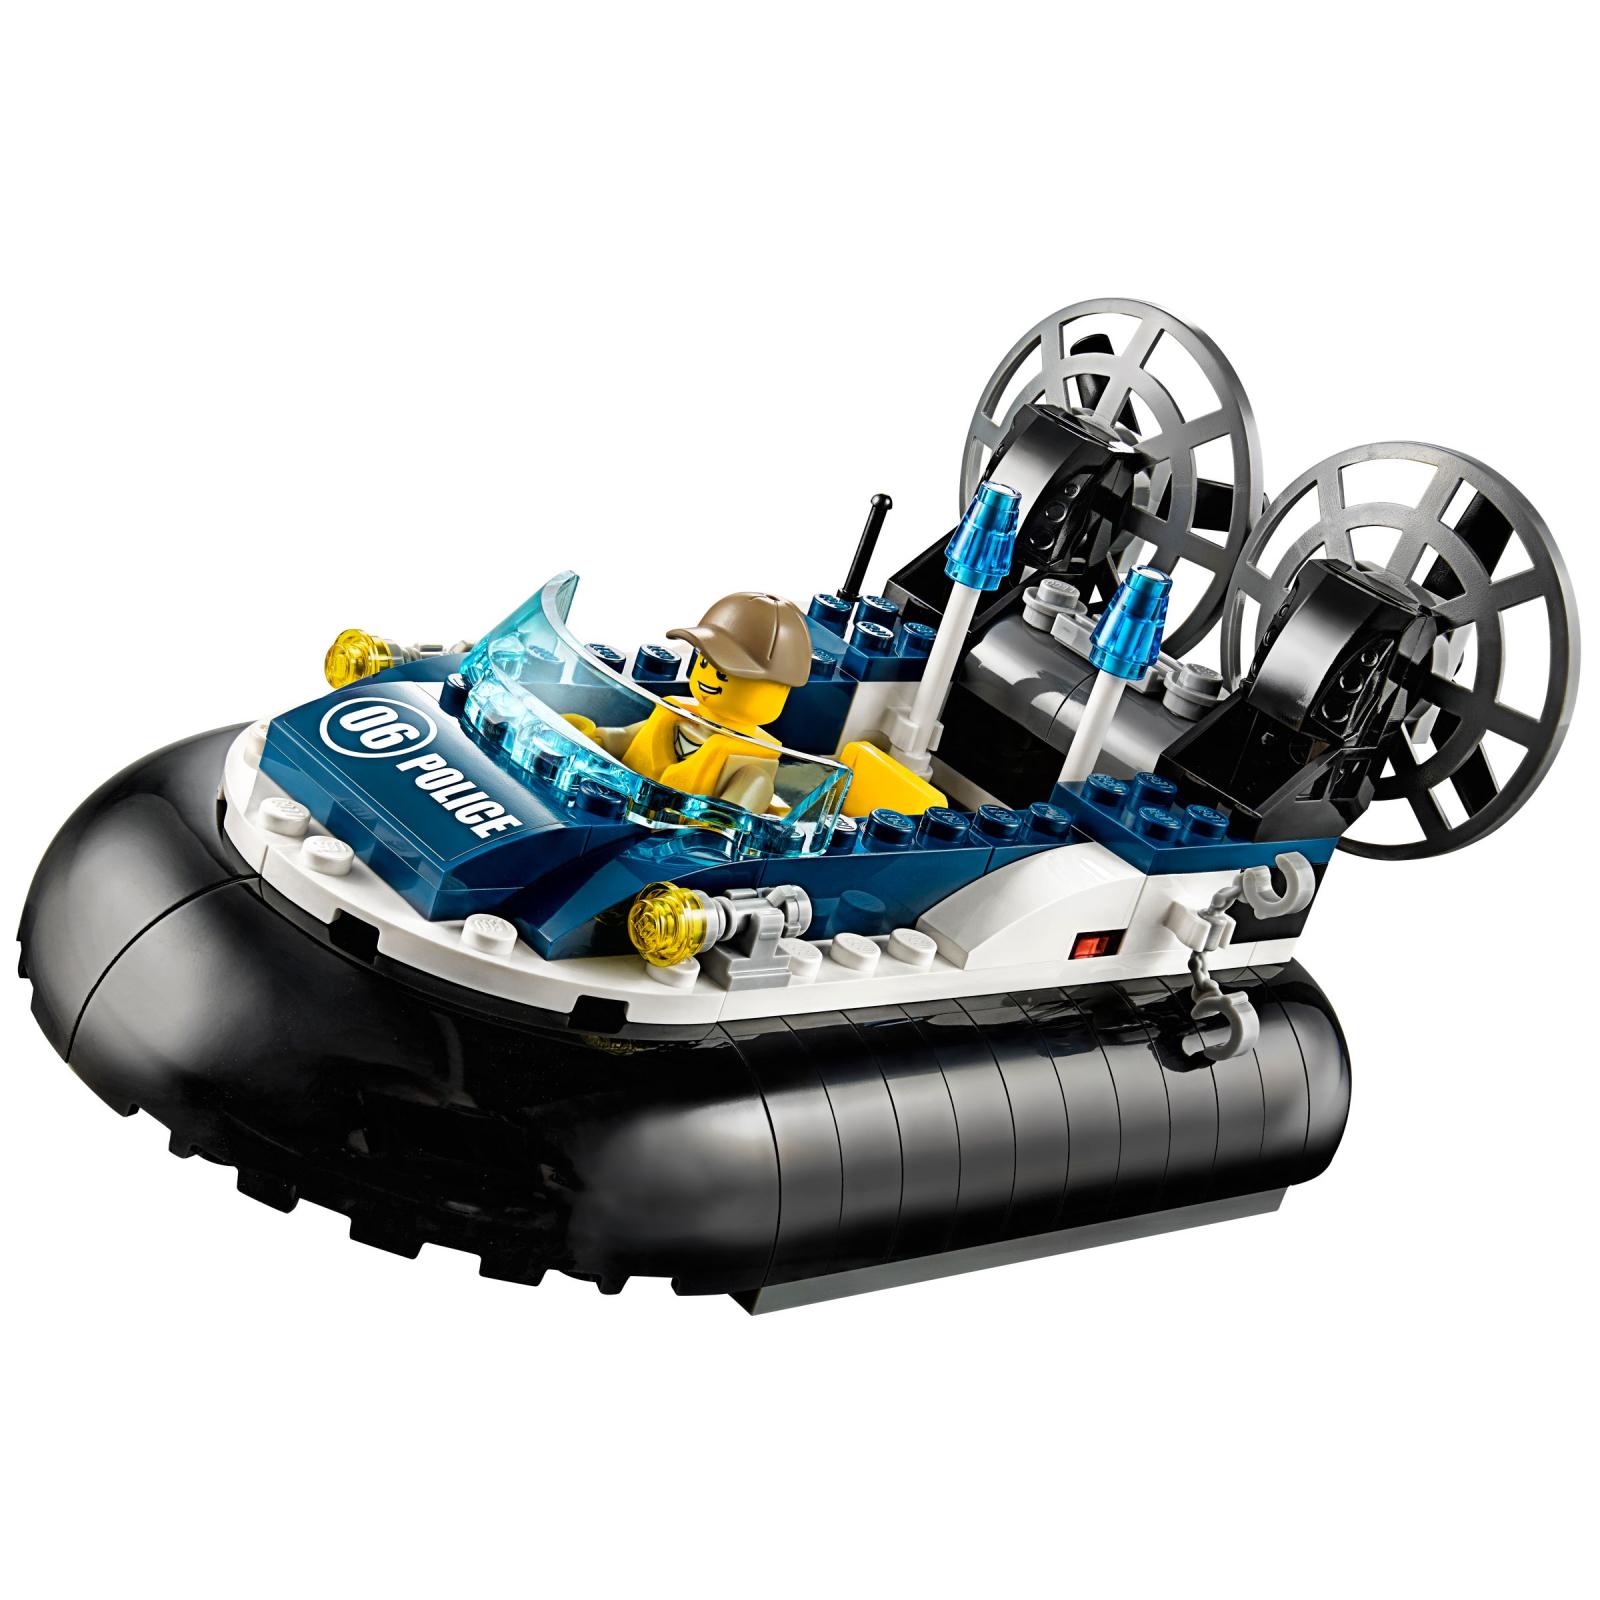 Конструктор LEGO City Полицейский корабль на воздушной подушке (60071) изображение 3